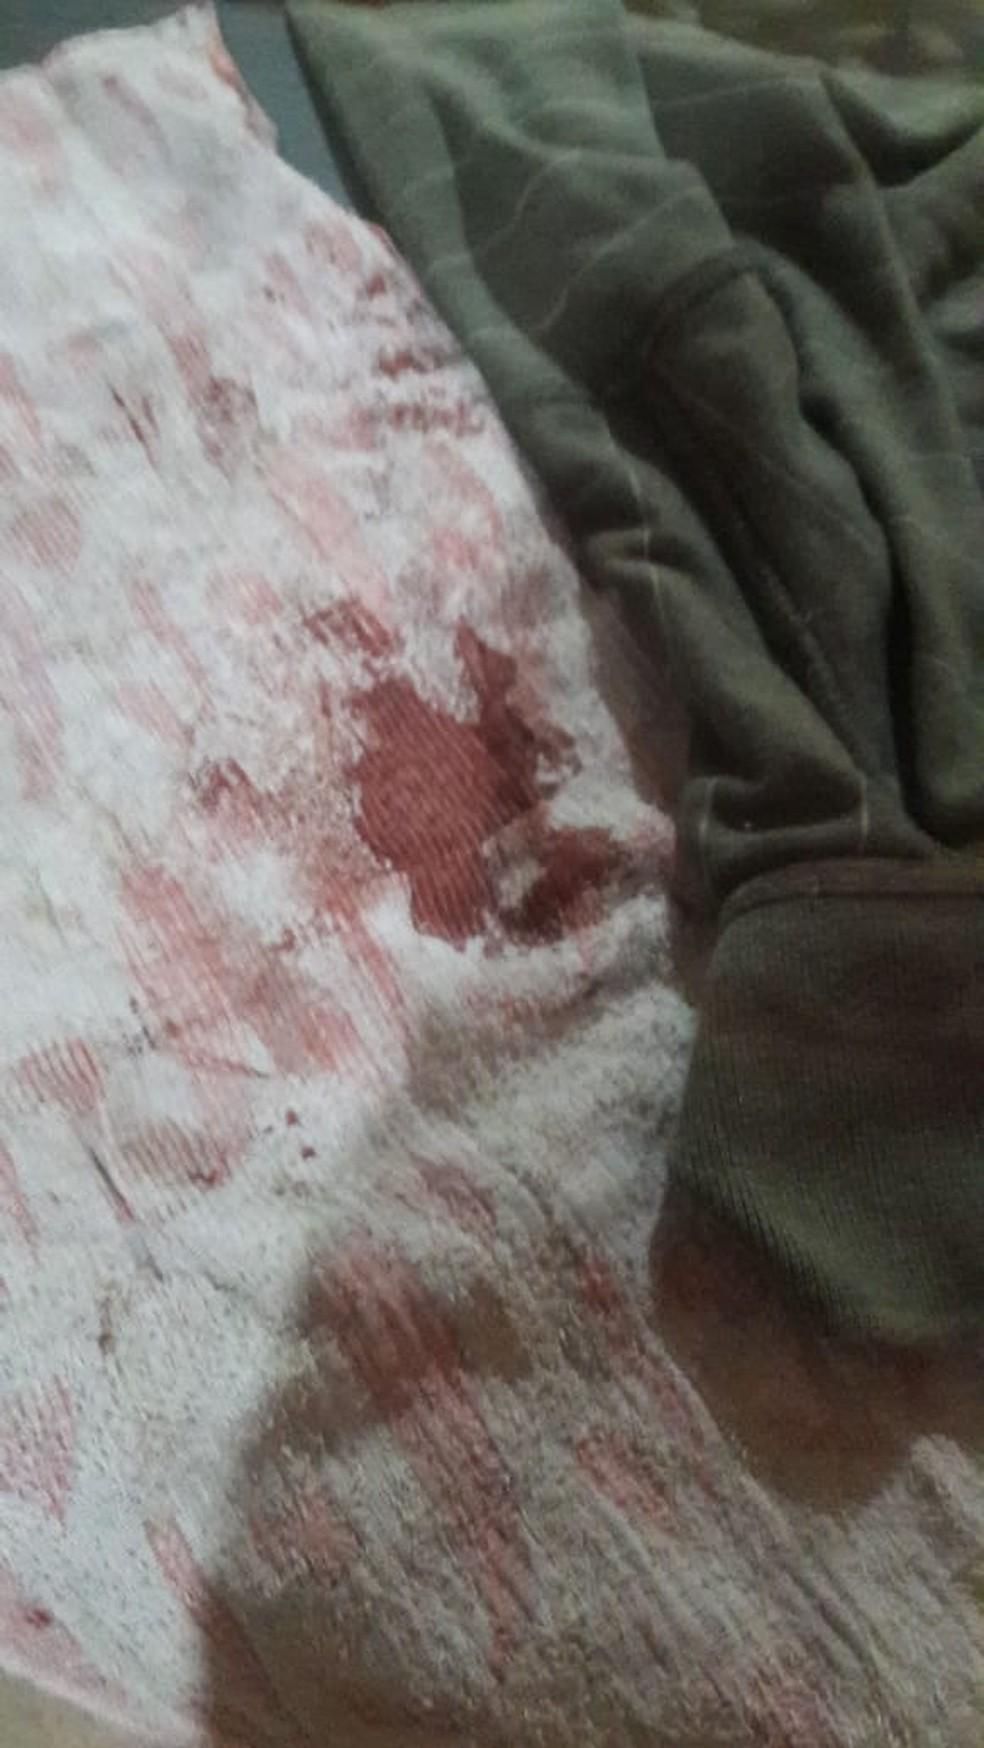 Pano usado por Christian Frizzira para estancar o sangue. — Foto: Christian Frizzira/Arquivo pessoal